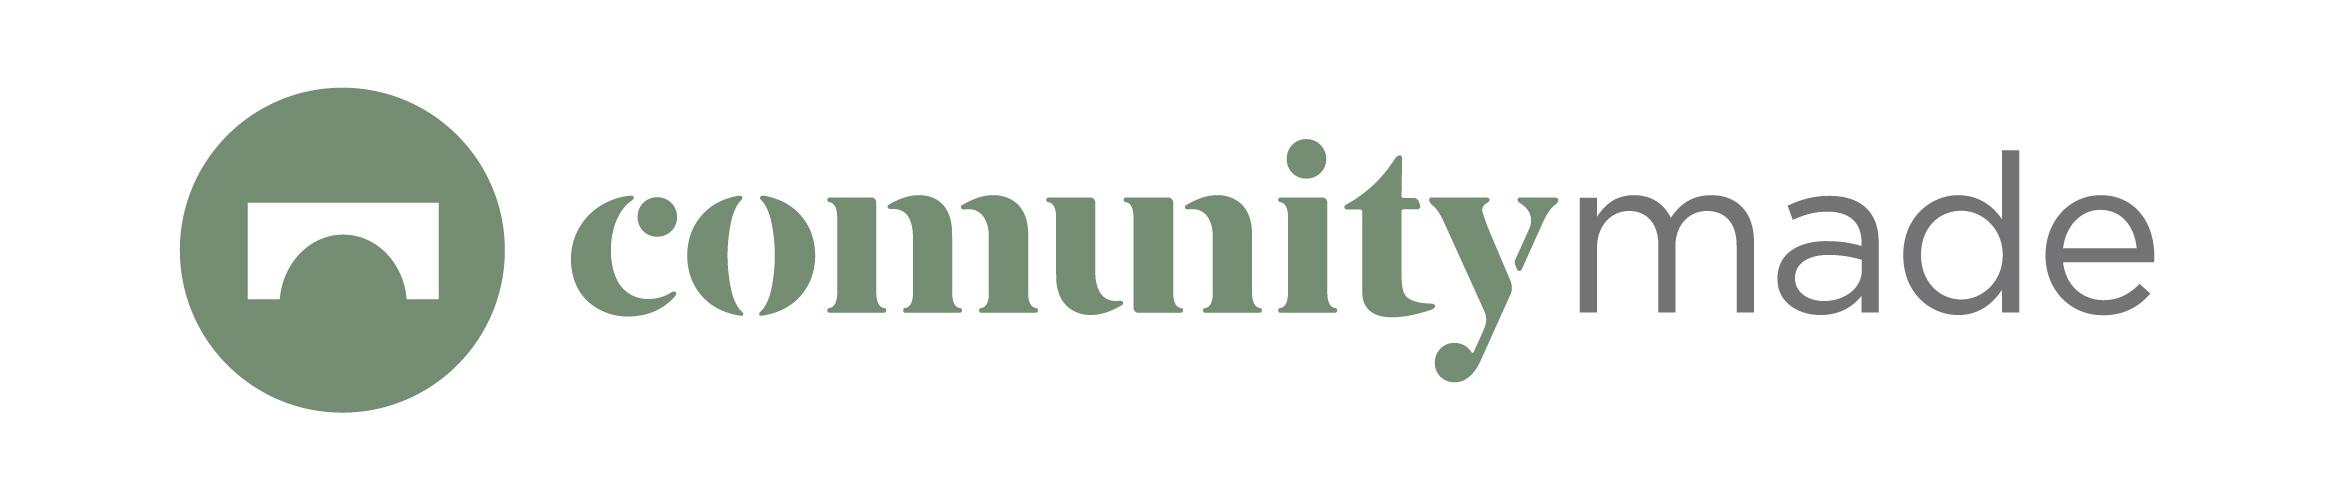 COMUNITYmade - March 25, 2019